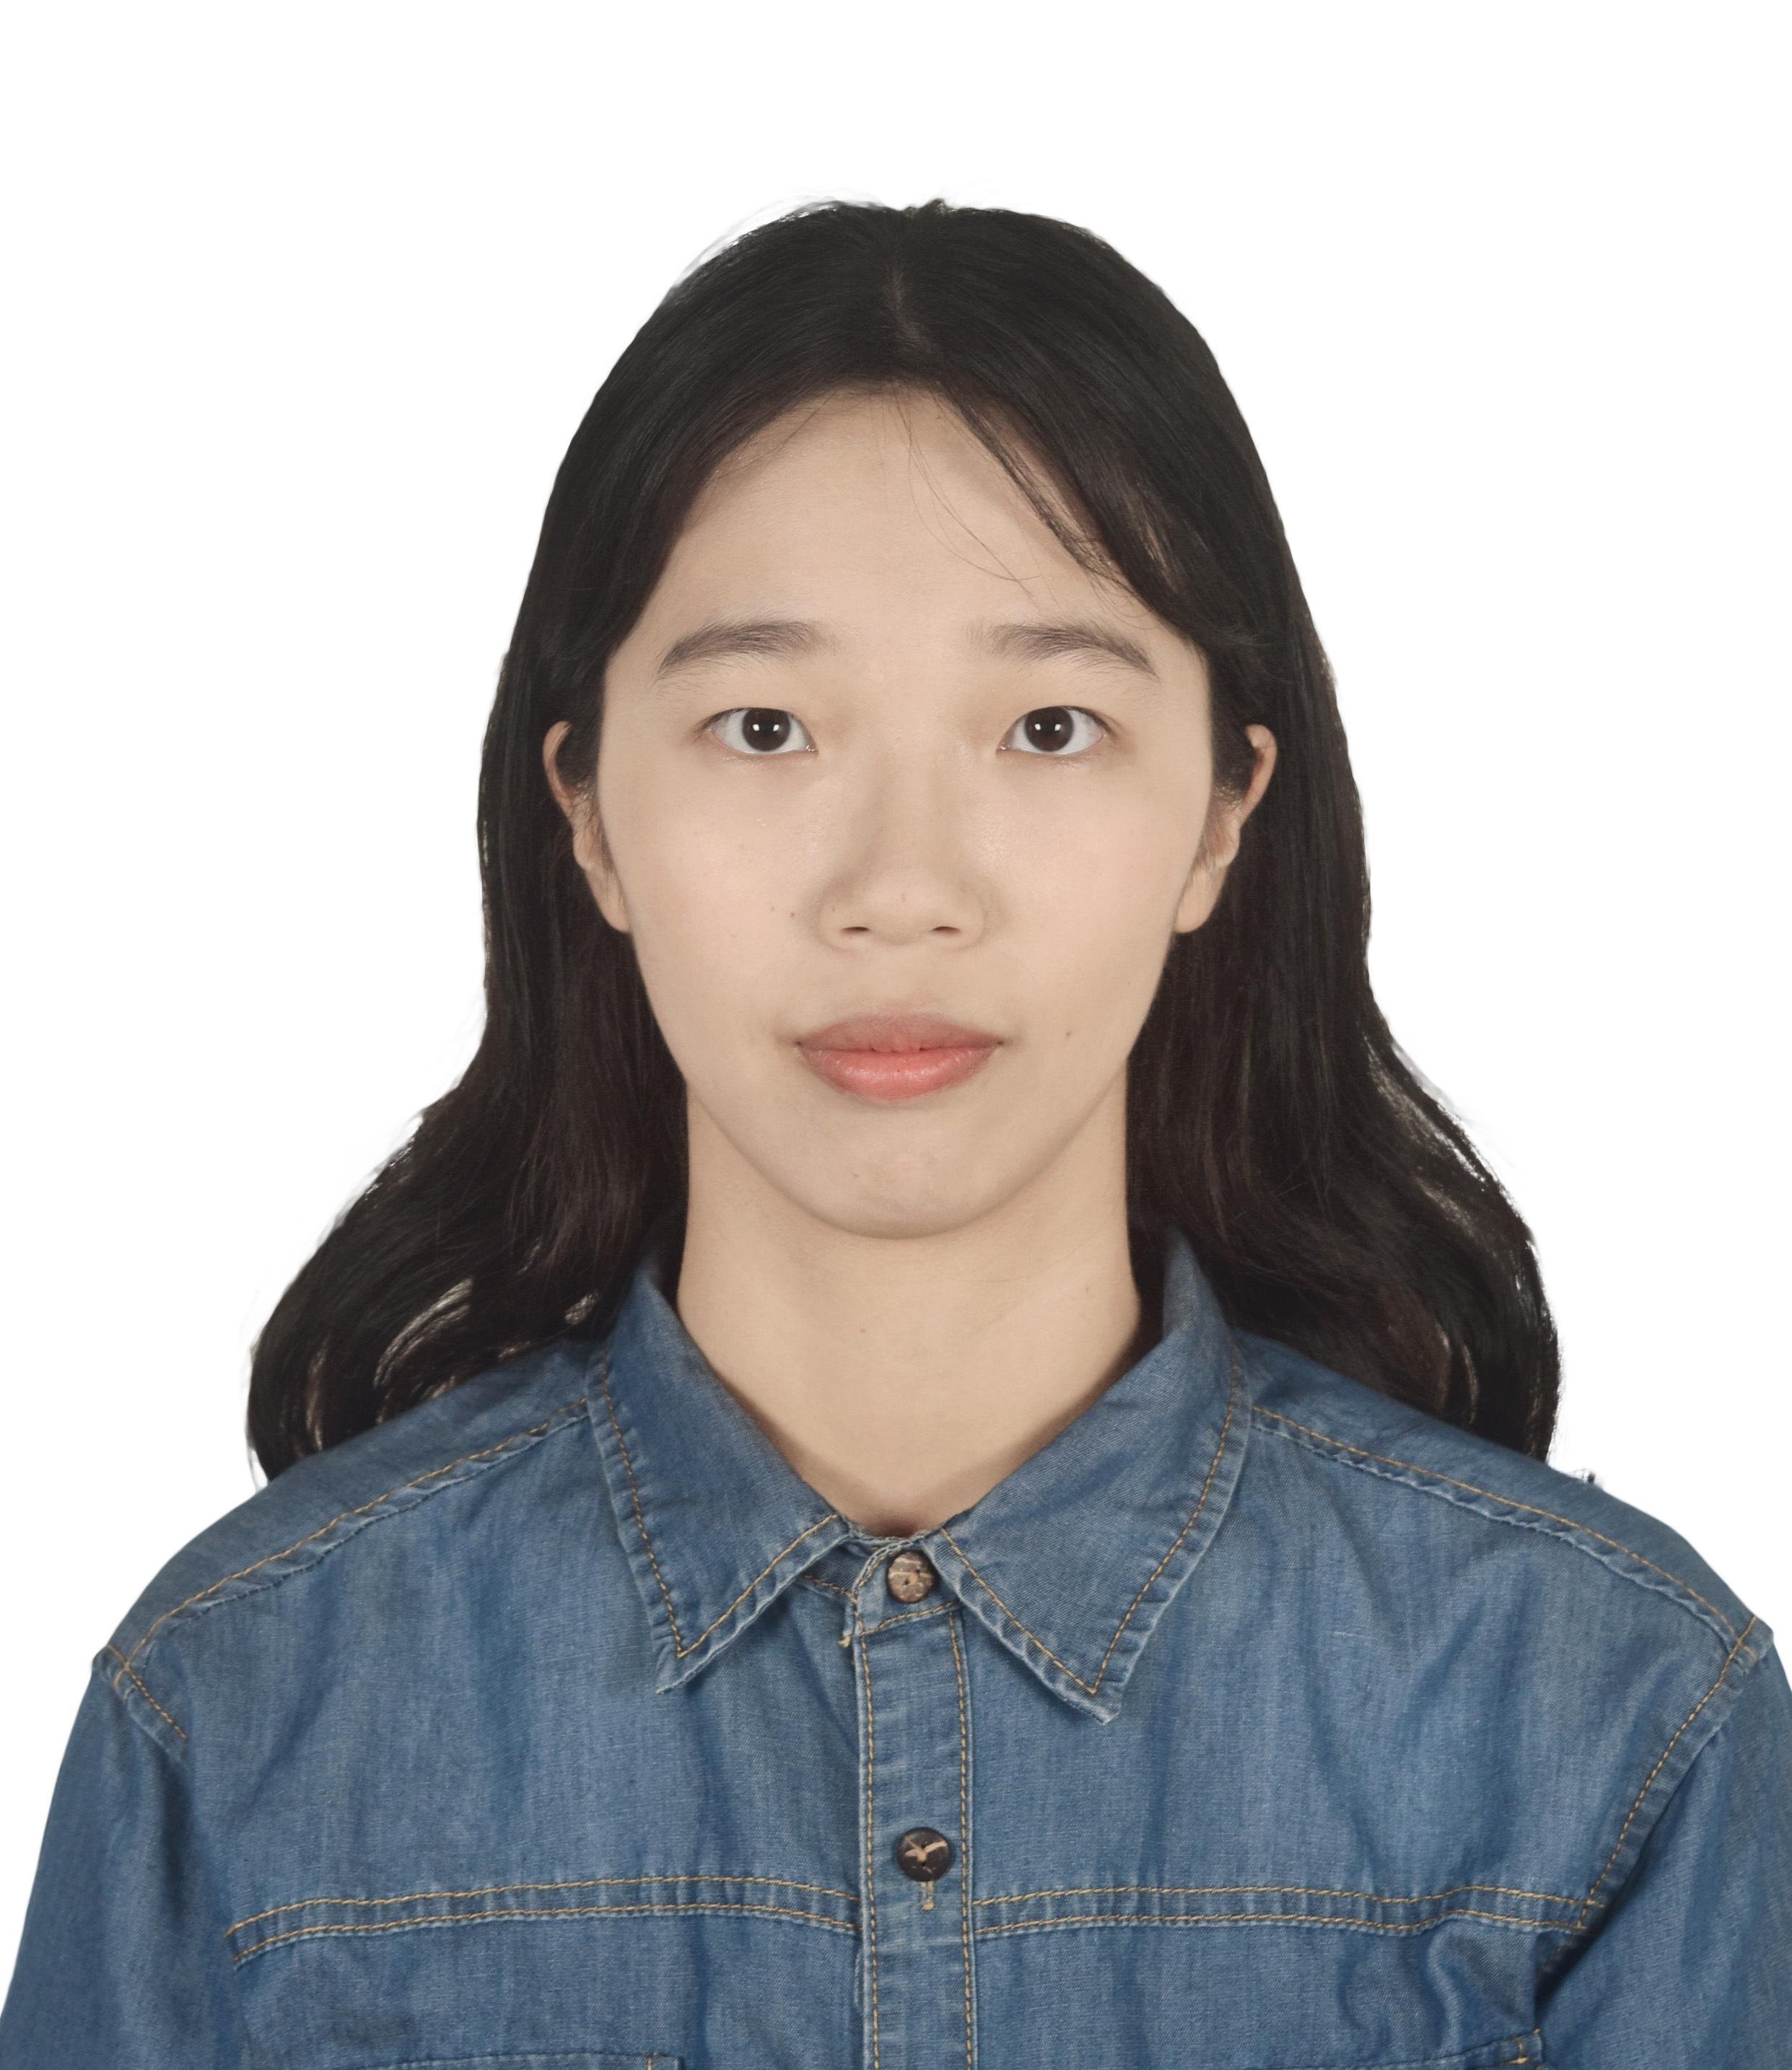 广州家教龚教员